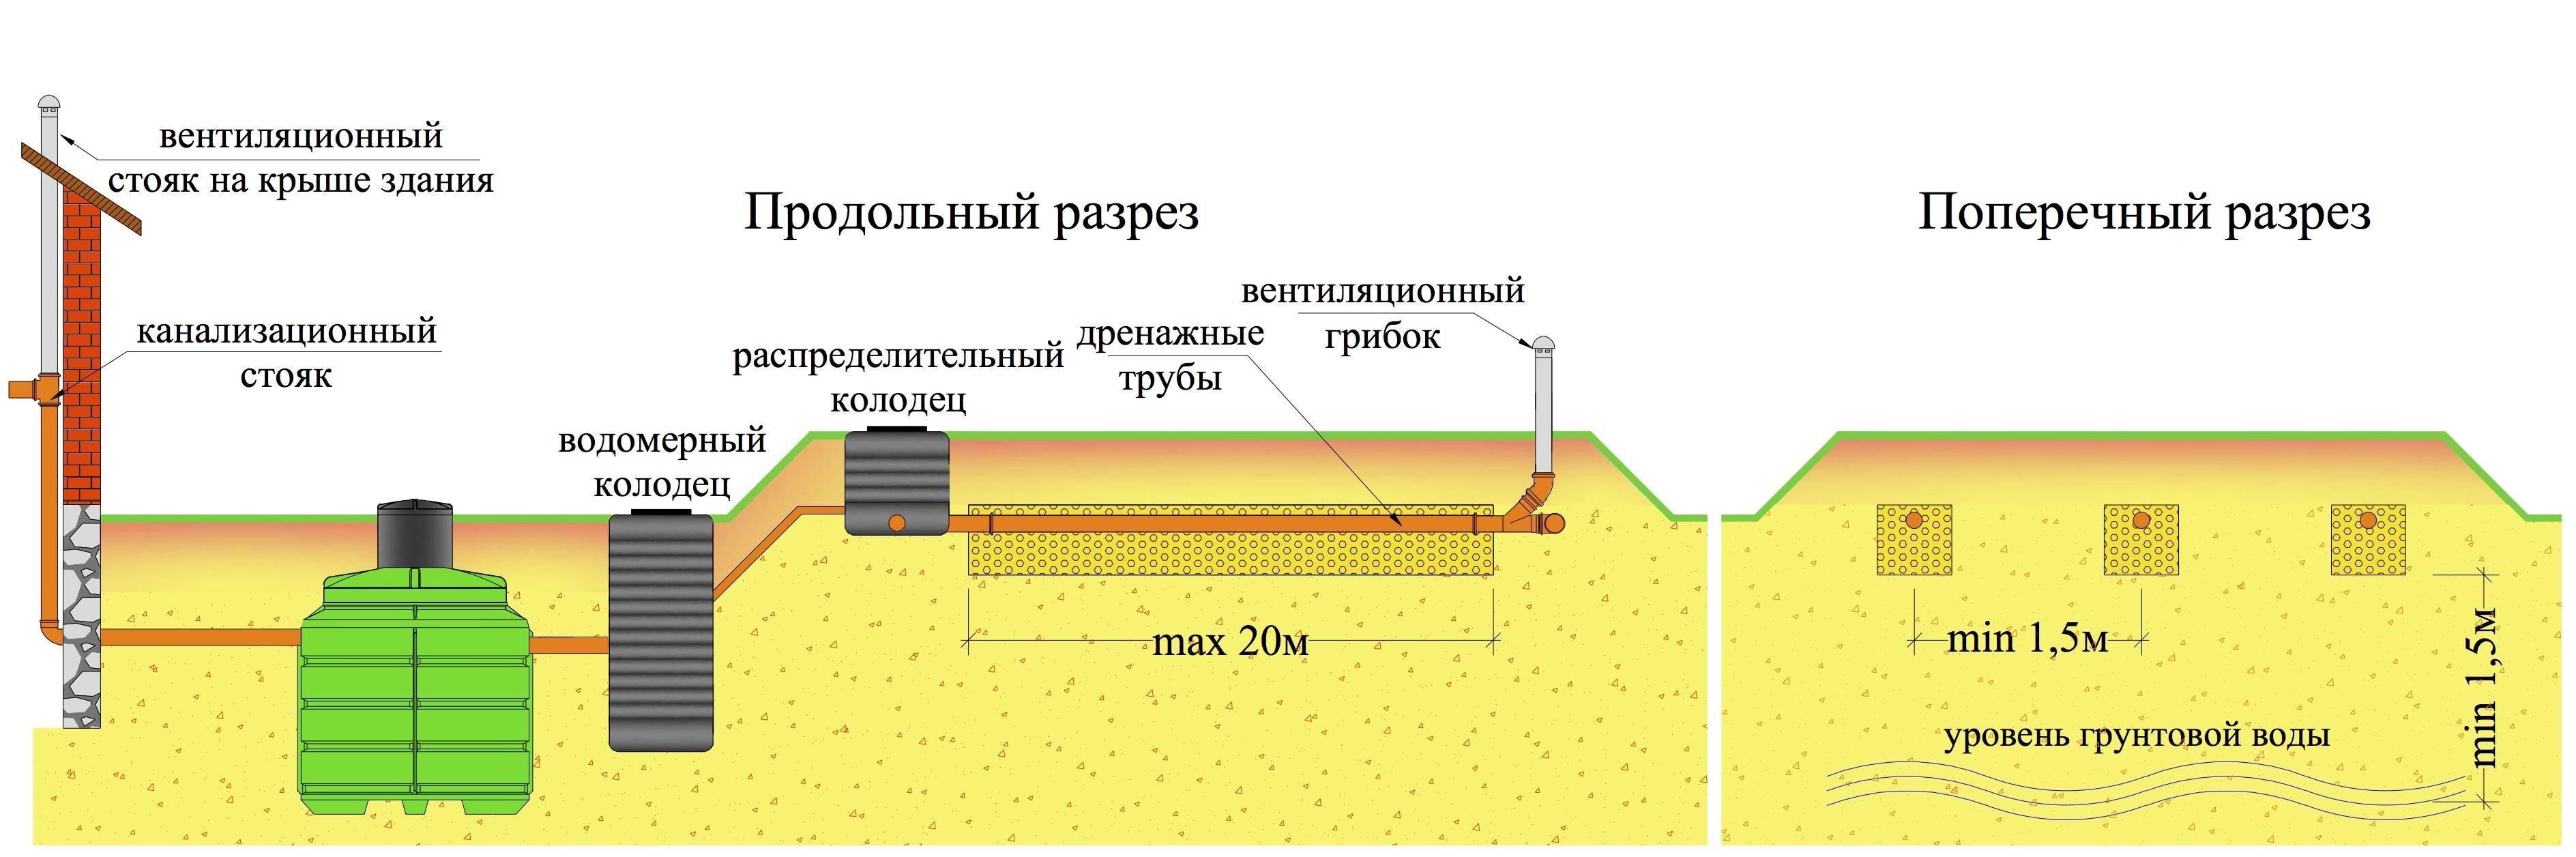 Как сделать дачную канализацию, если грунтовые воды близко